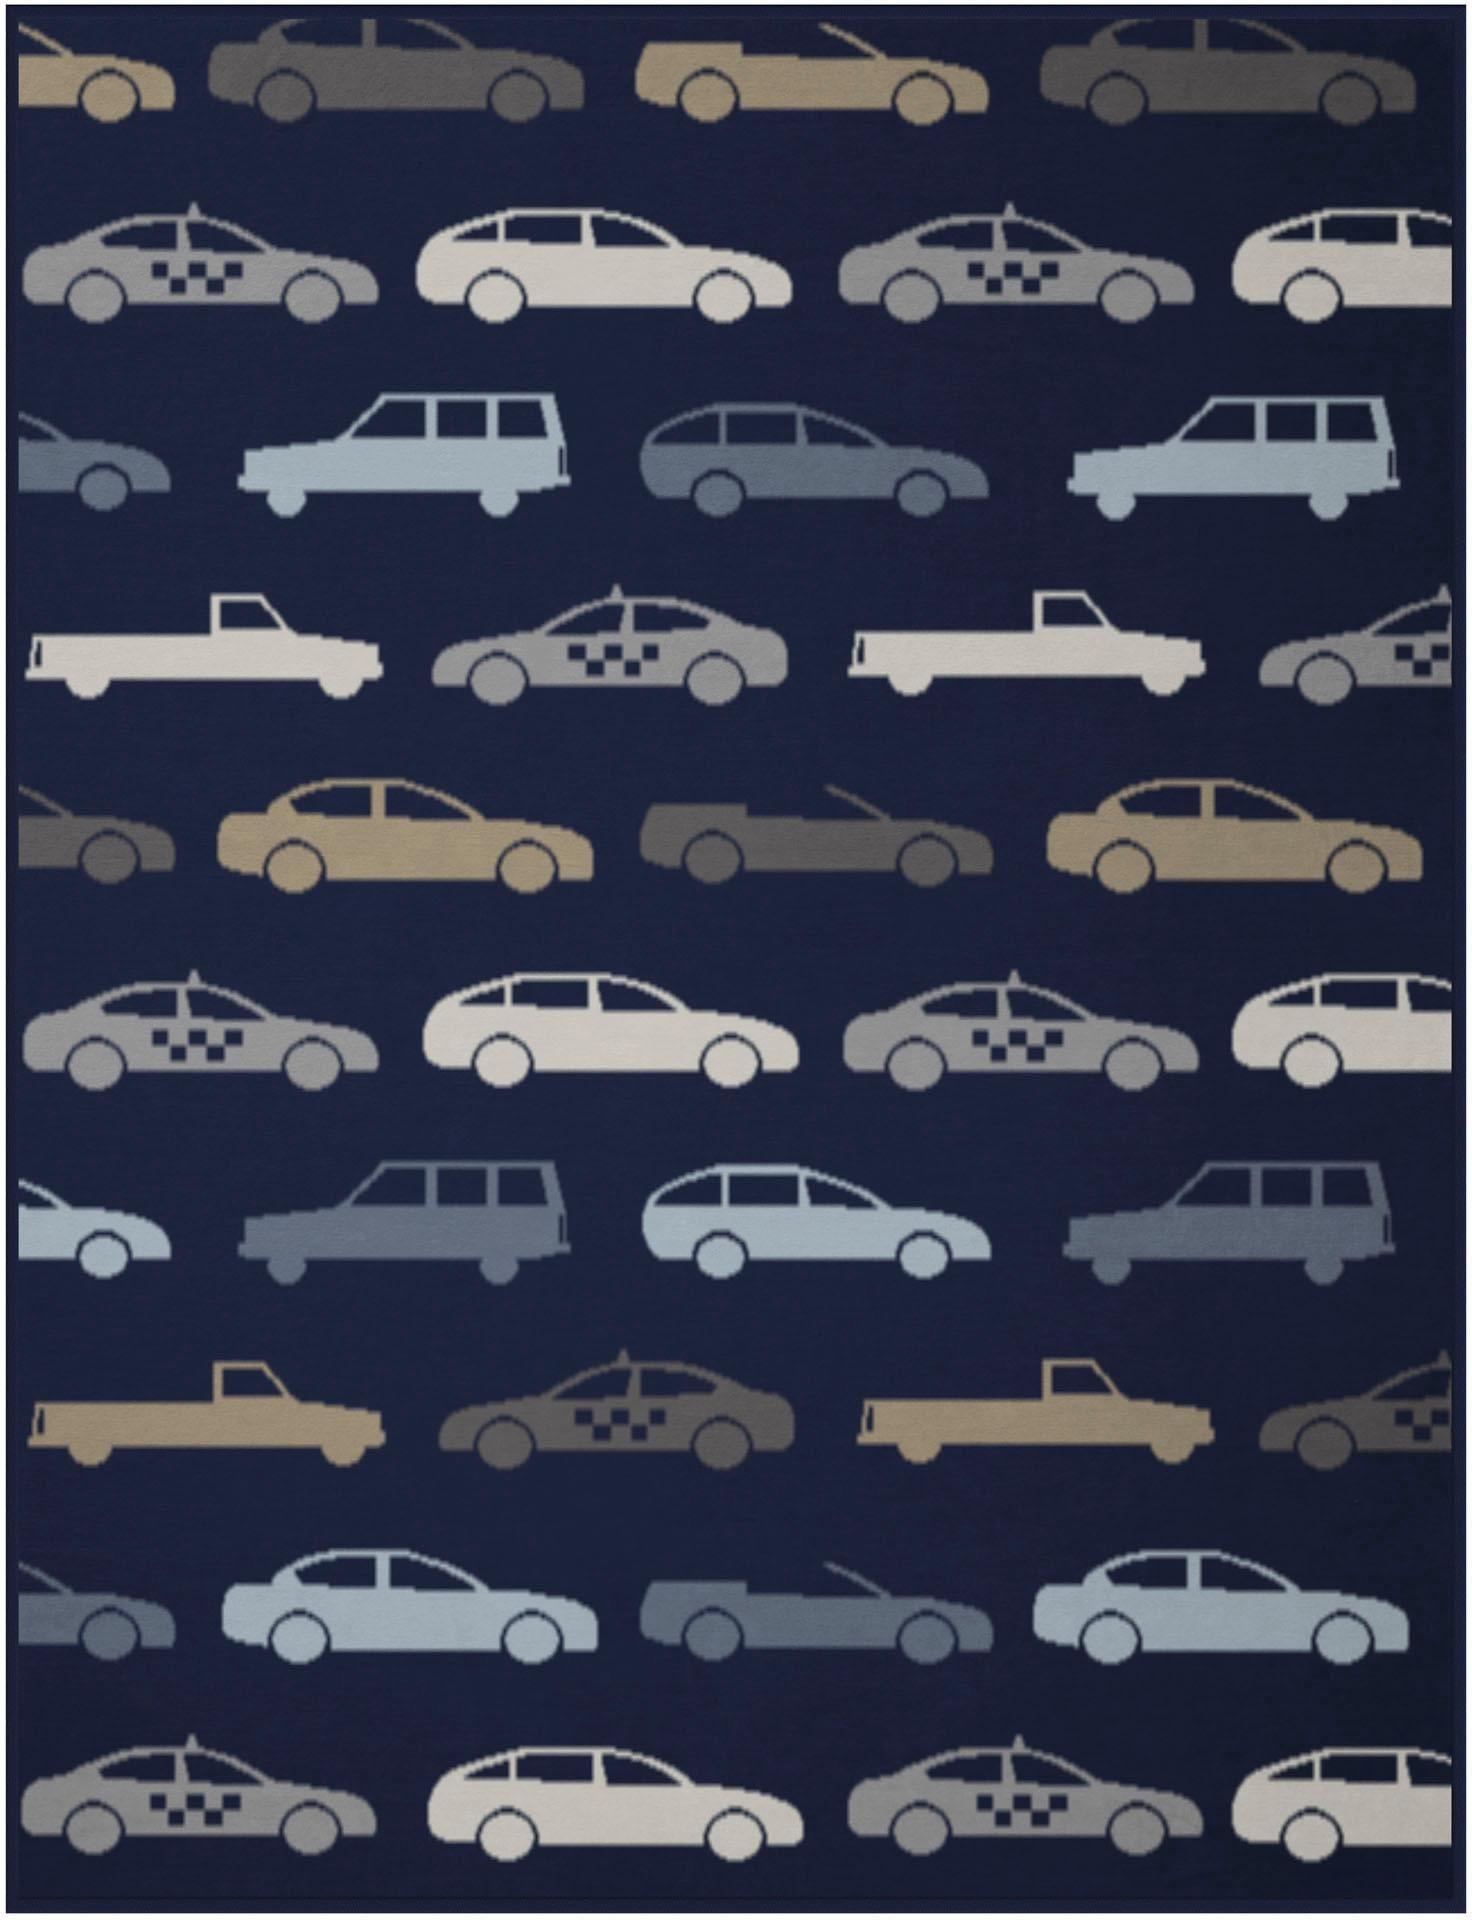 Babydecke, Biederlack, »Lovely Freeway«, mit Auto Motiv | Kinderzimmer > Textilien für Kinder > Babytextilien | BIEDERLACK